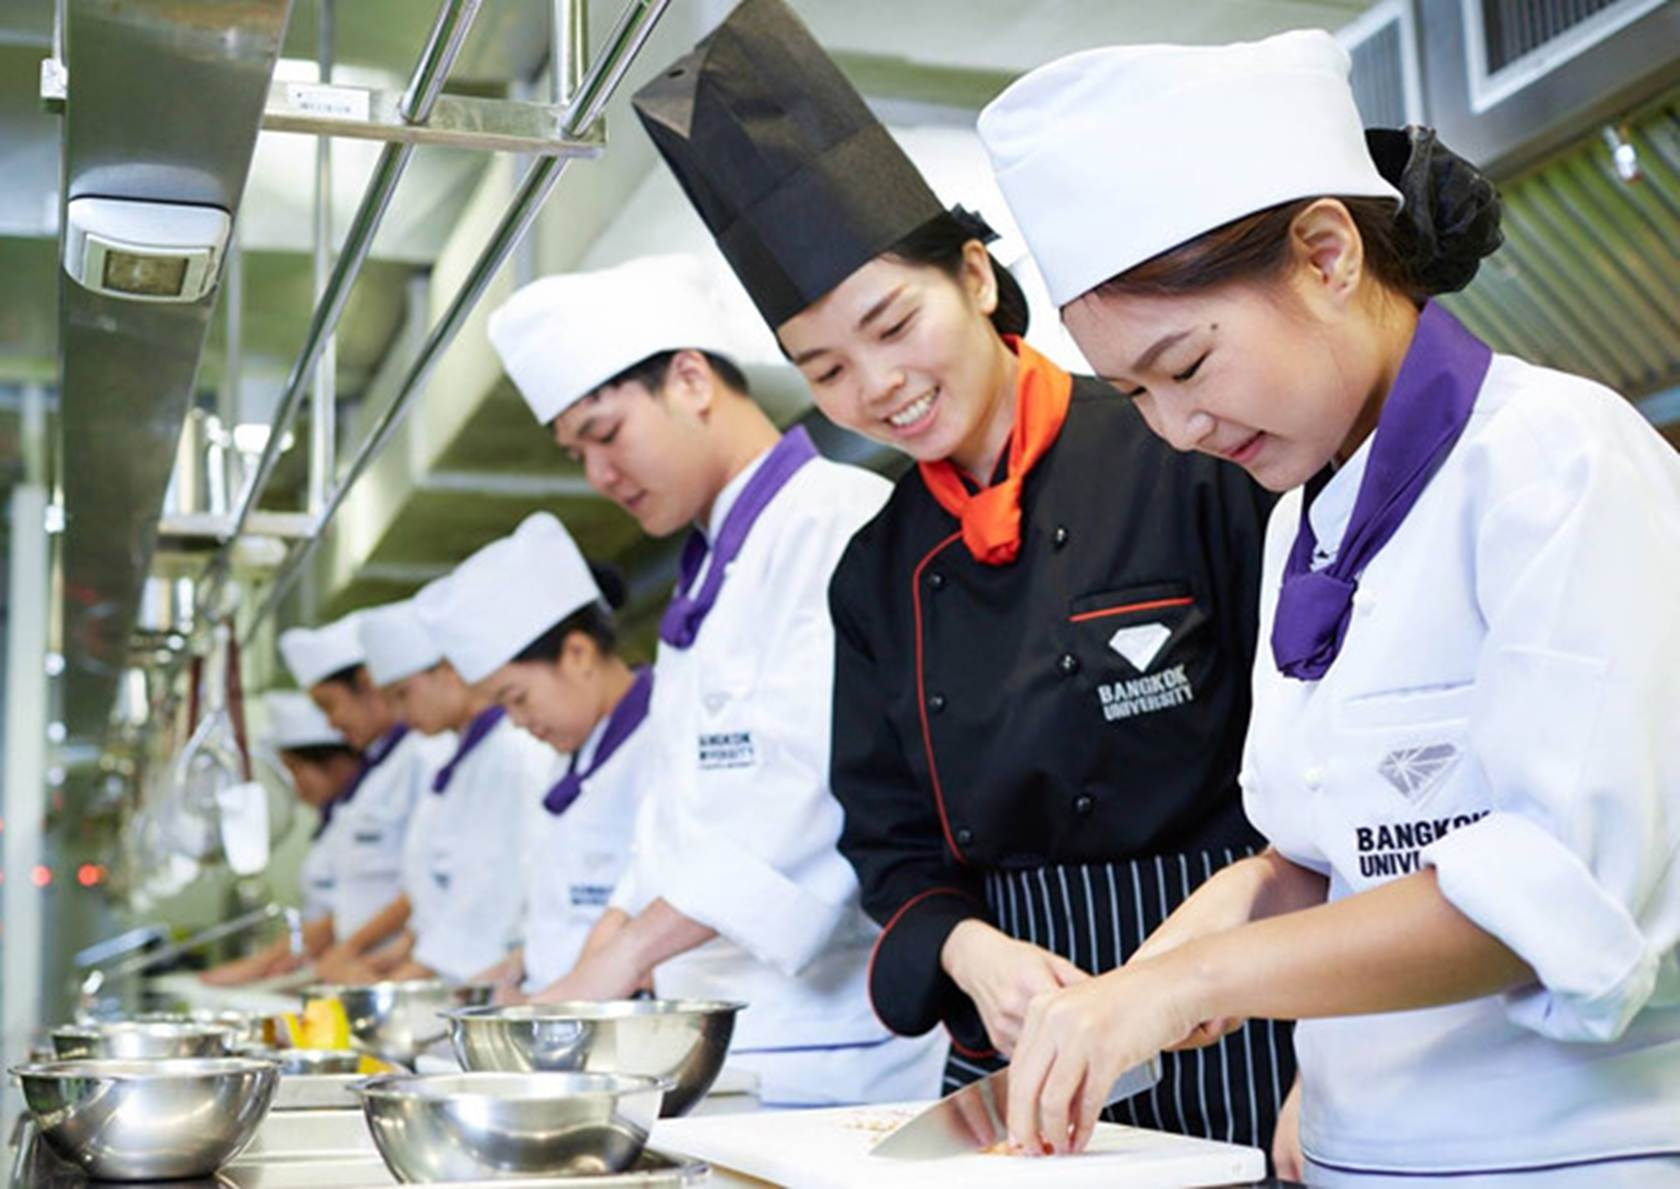 Đại học ở Thái Lan có đồng phục đầu bếp, bartender cho sinh viên-6